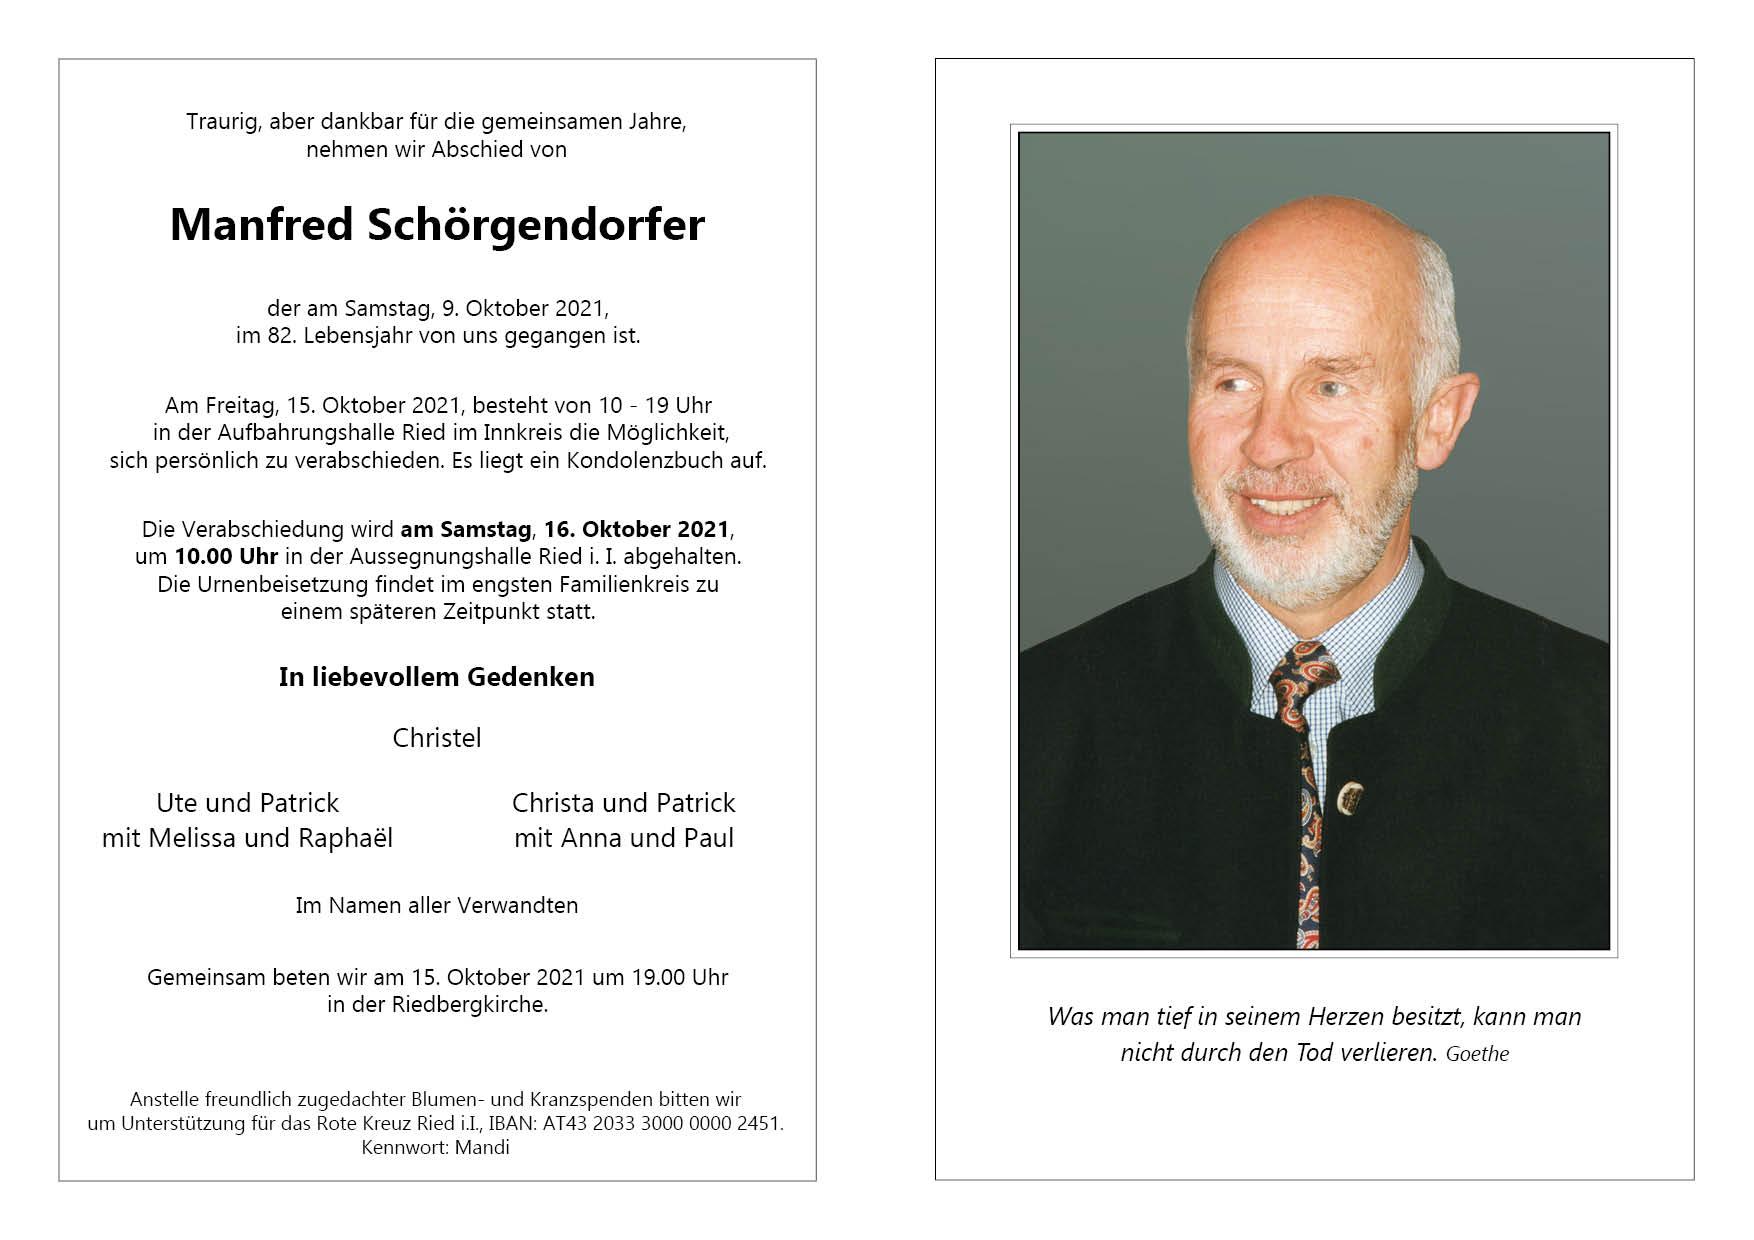 parte_schoergendorfer-manfred2